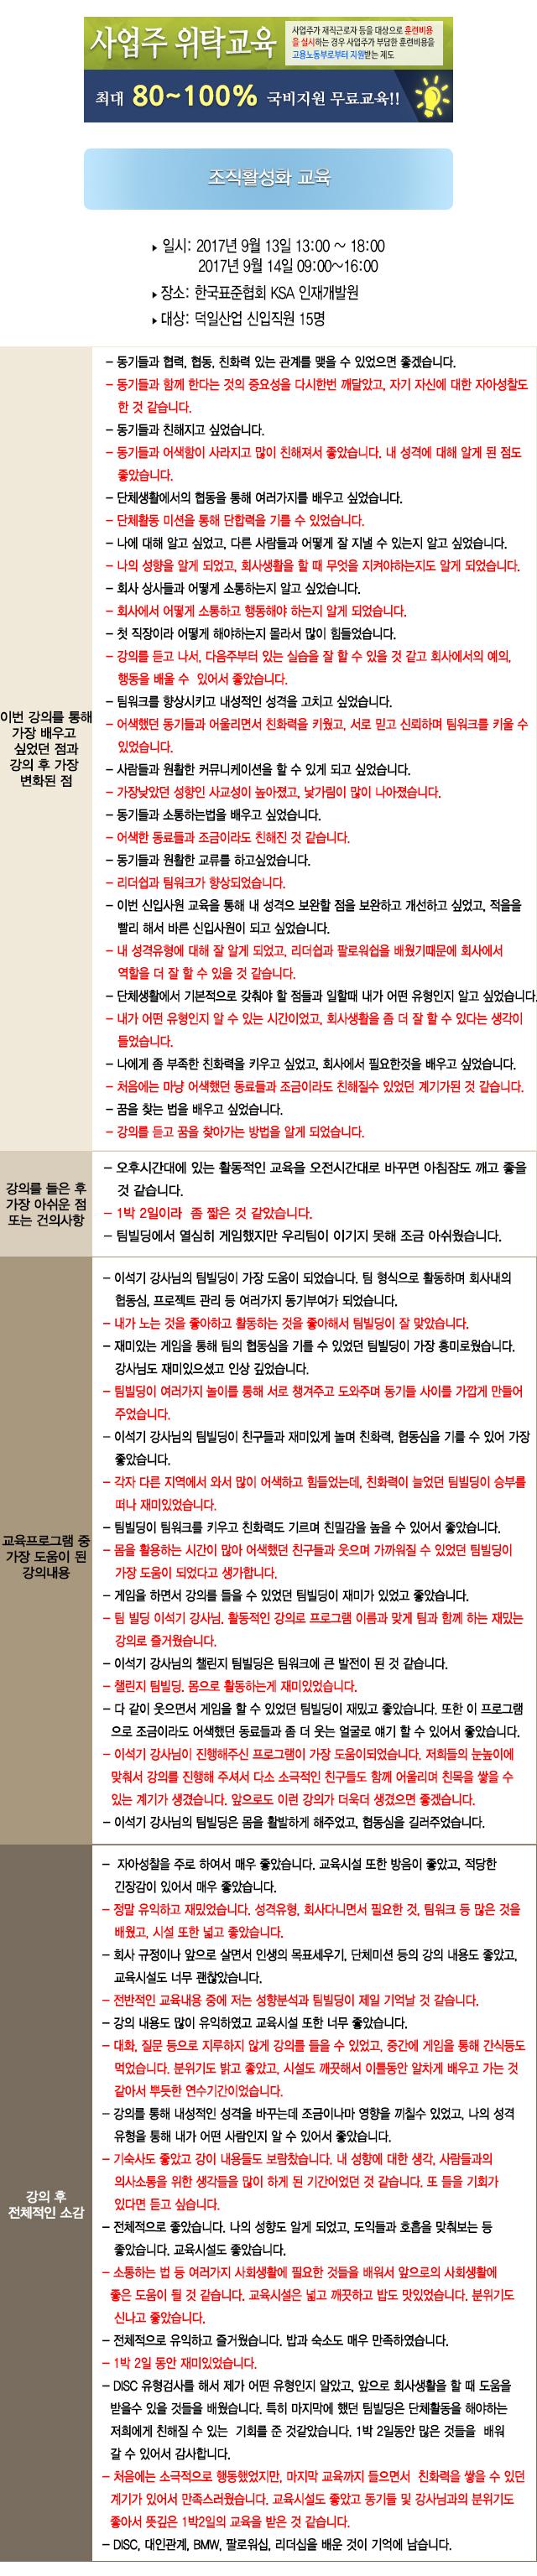 한국중앙인재개발원 덕일산업후기01.jpg